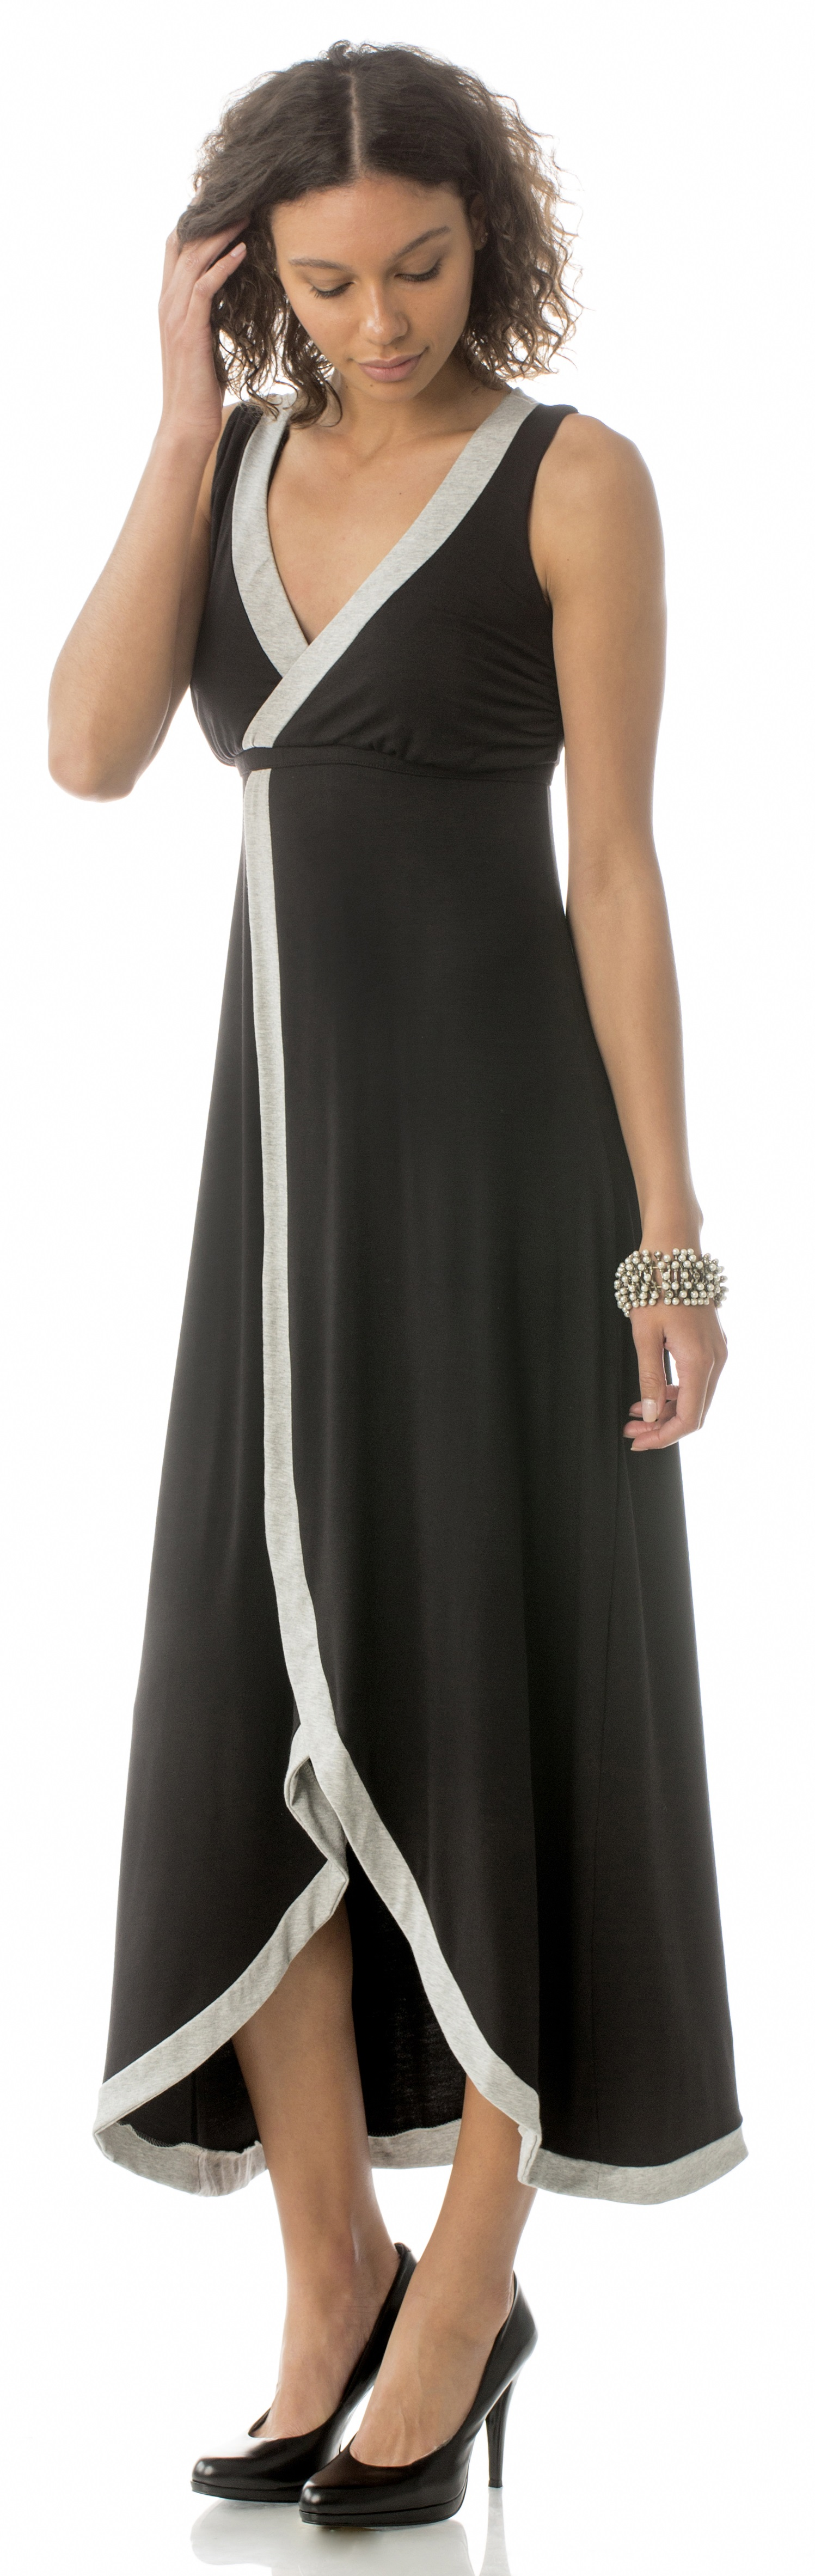 majamas-dream-nursing-dress-14-2100-black-heather